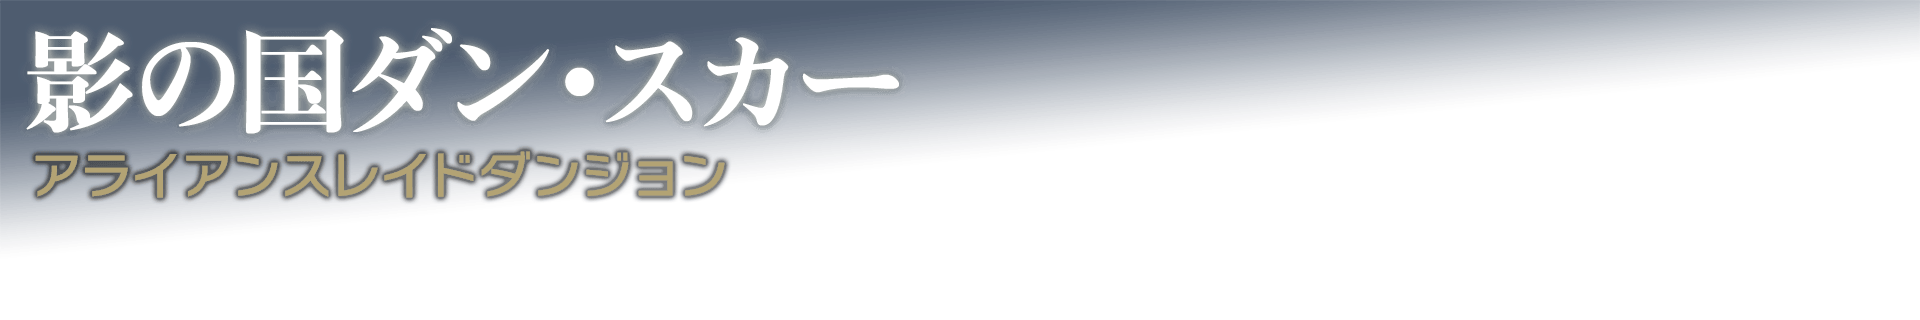 影の国ダン・スカー